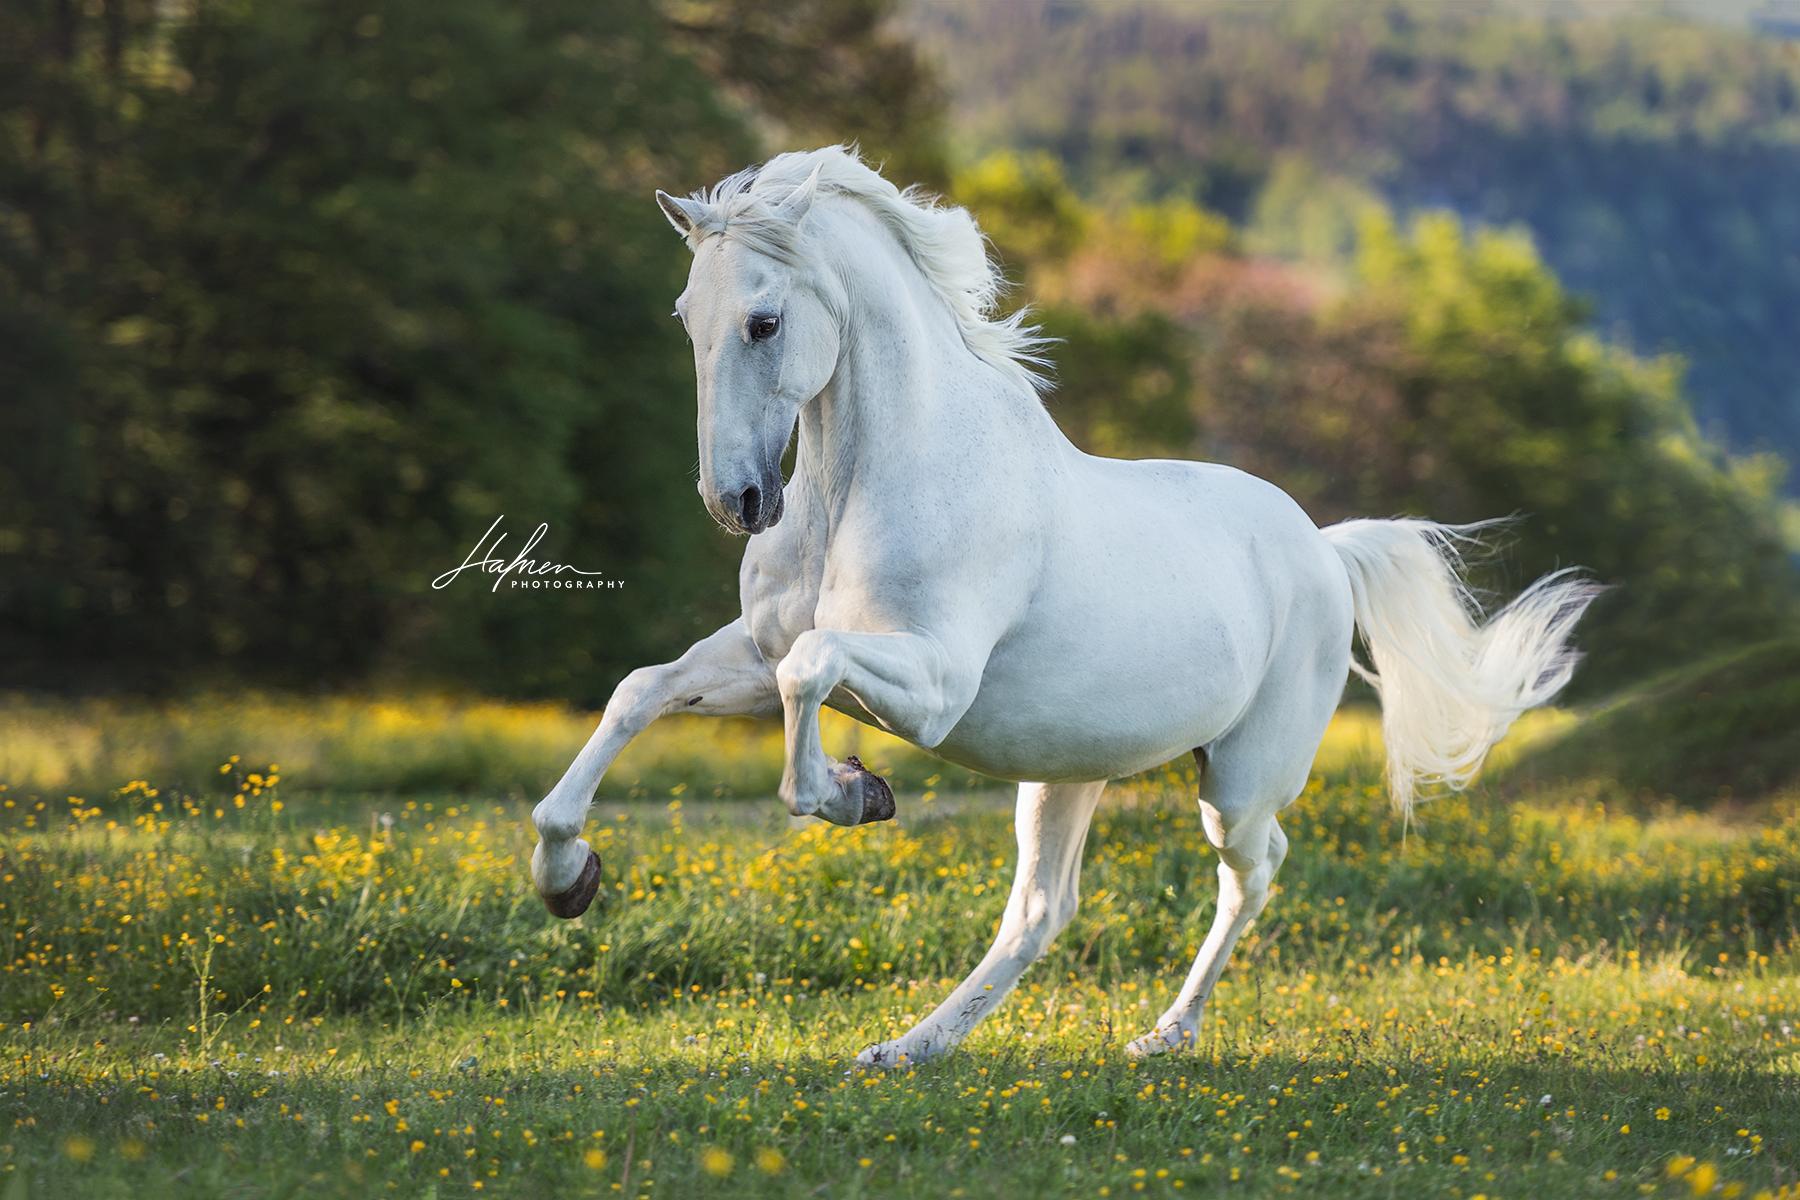 Percheron Pferde Bilder Kostenlos Herunterladen | Bilder Und ganzes Pferde Bilder Kostenlos Herunterladen